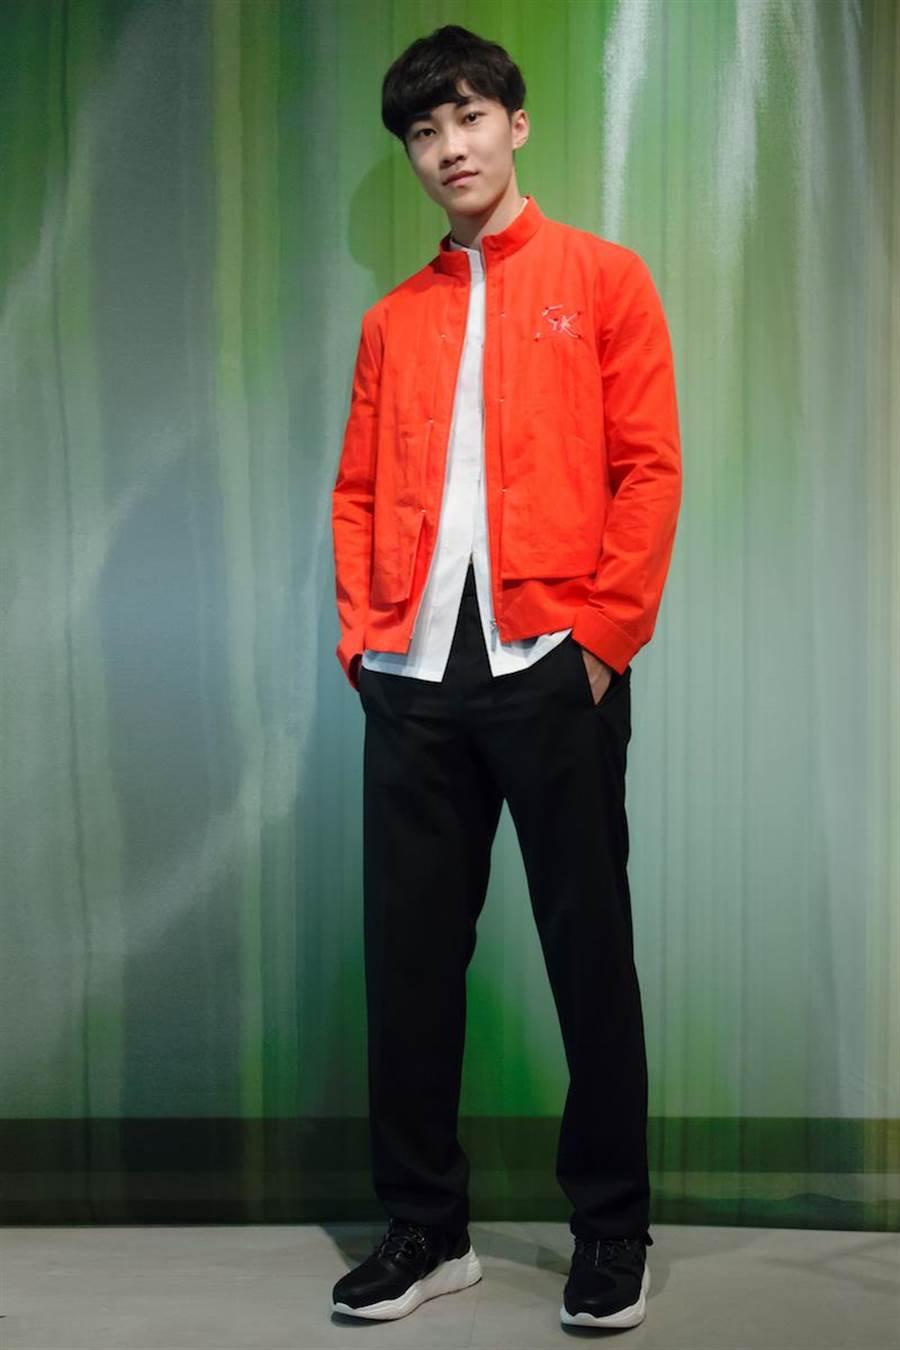 伊林男模王珈驊身著橘紅色帶有金屬光澤感布料立領運動風衣夾克,搭配直筒褲型,隱約露出短袖襯衫上的本季竹子圖案刺繡,年輕活力不失優雅氣息。(夏姿提供)